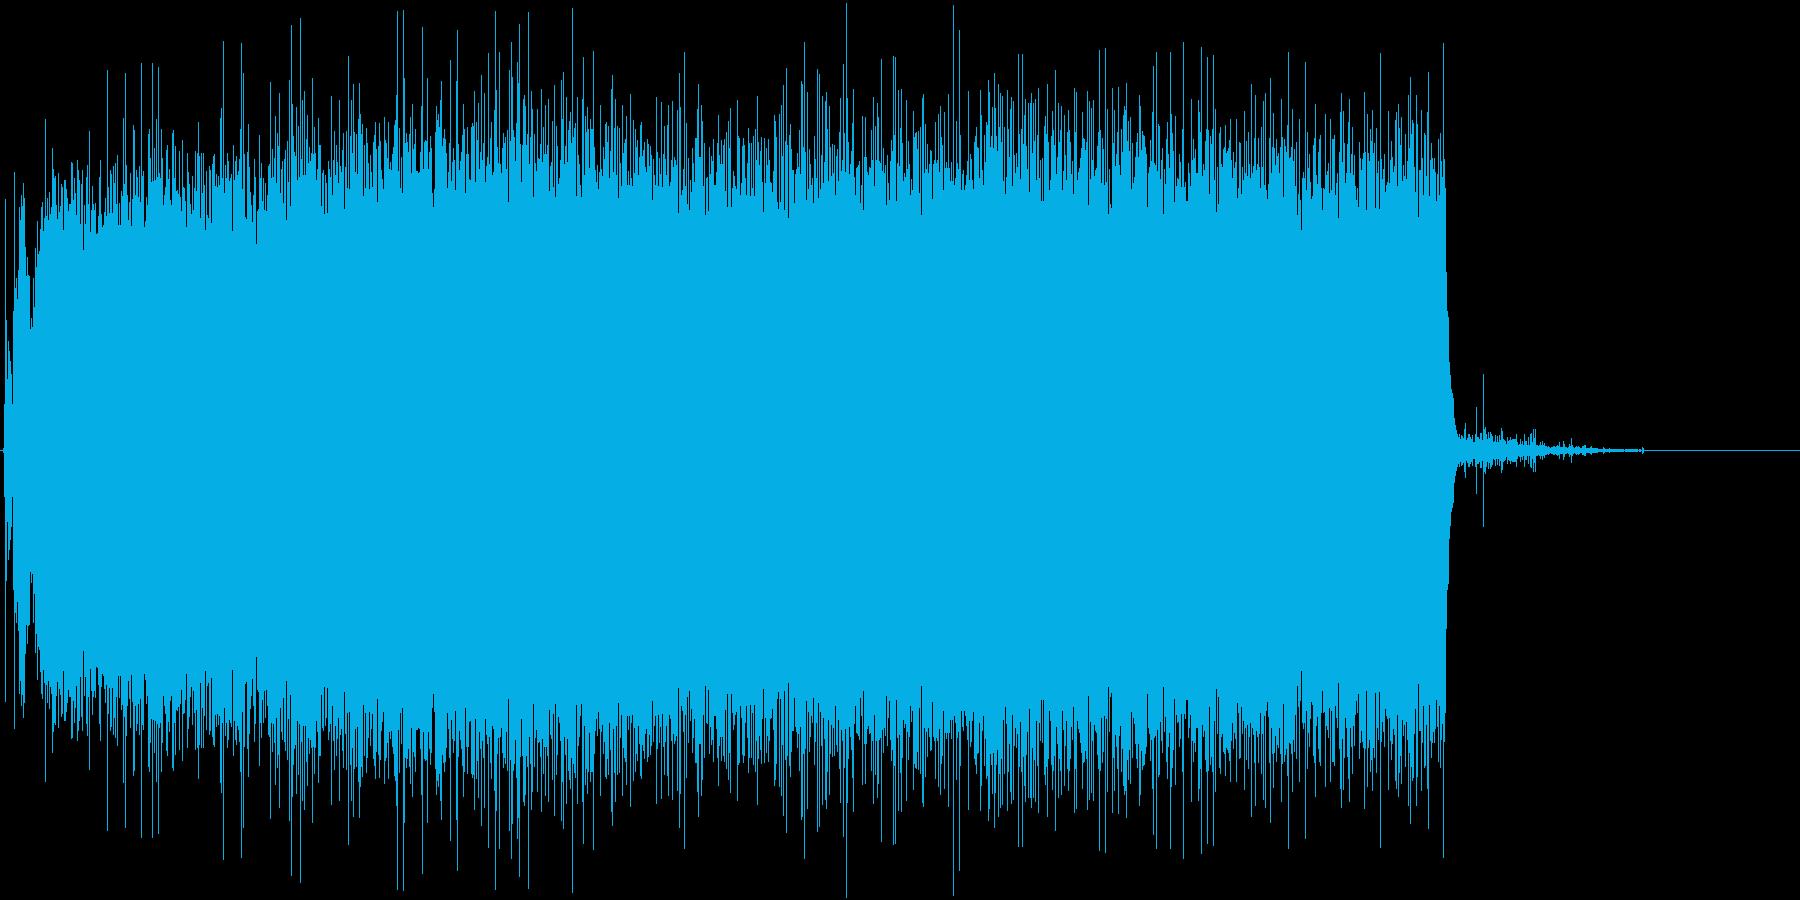 シャワーを出す音(長め、シャーッ、水道)の再生済みの波形